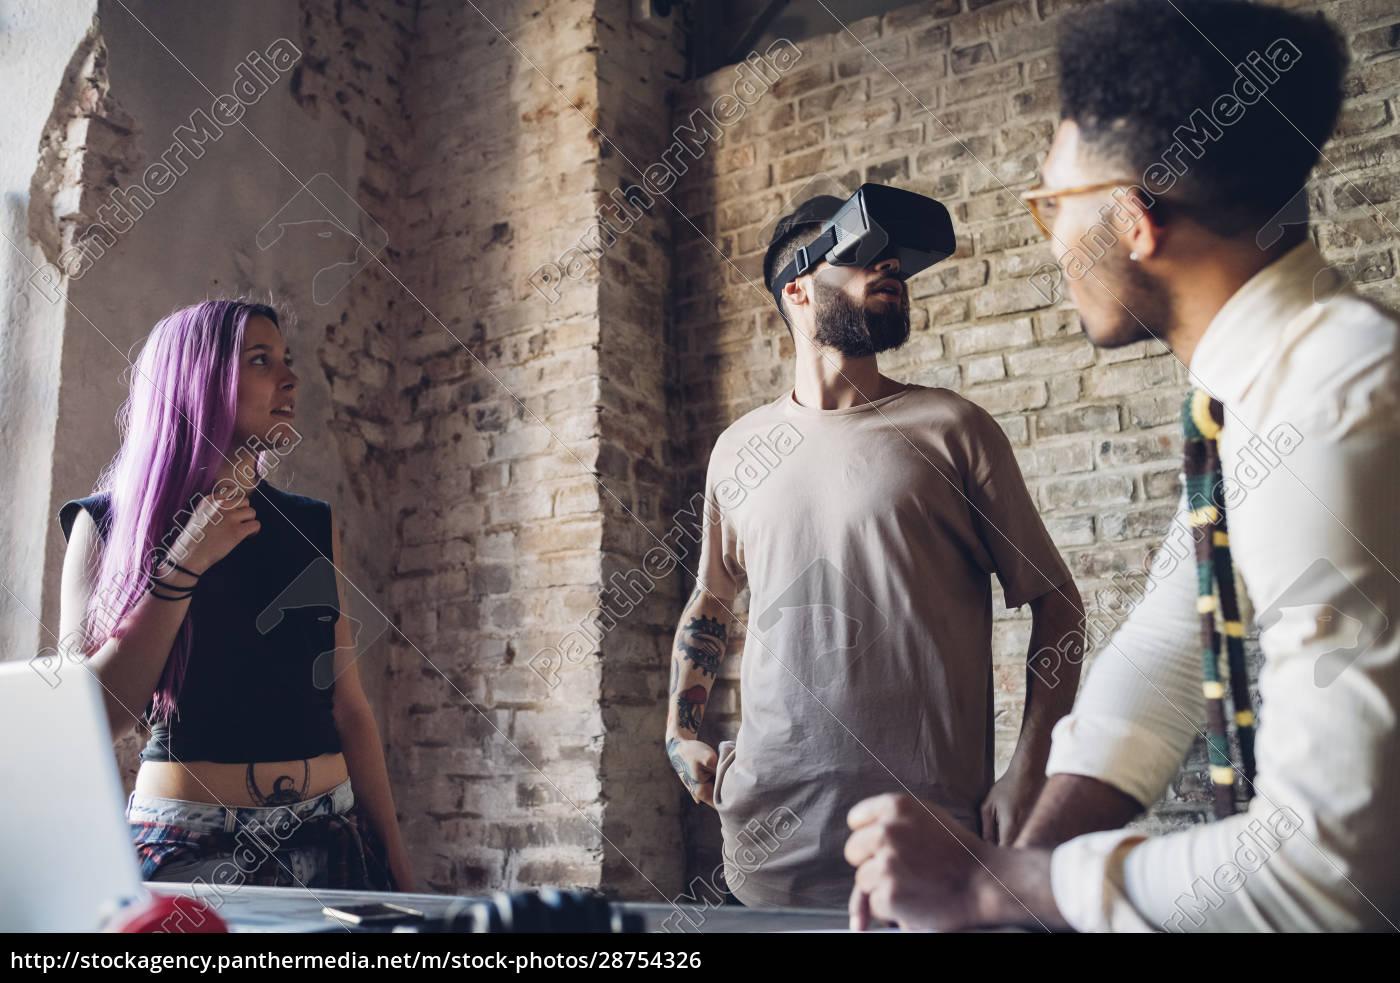 kreativt, team, bruger, vr-briller, på, loftskontoret - 28754326